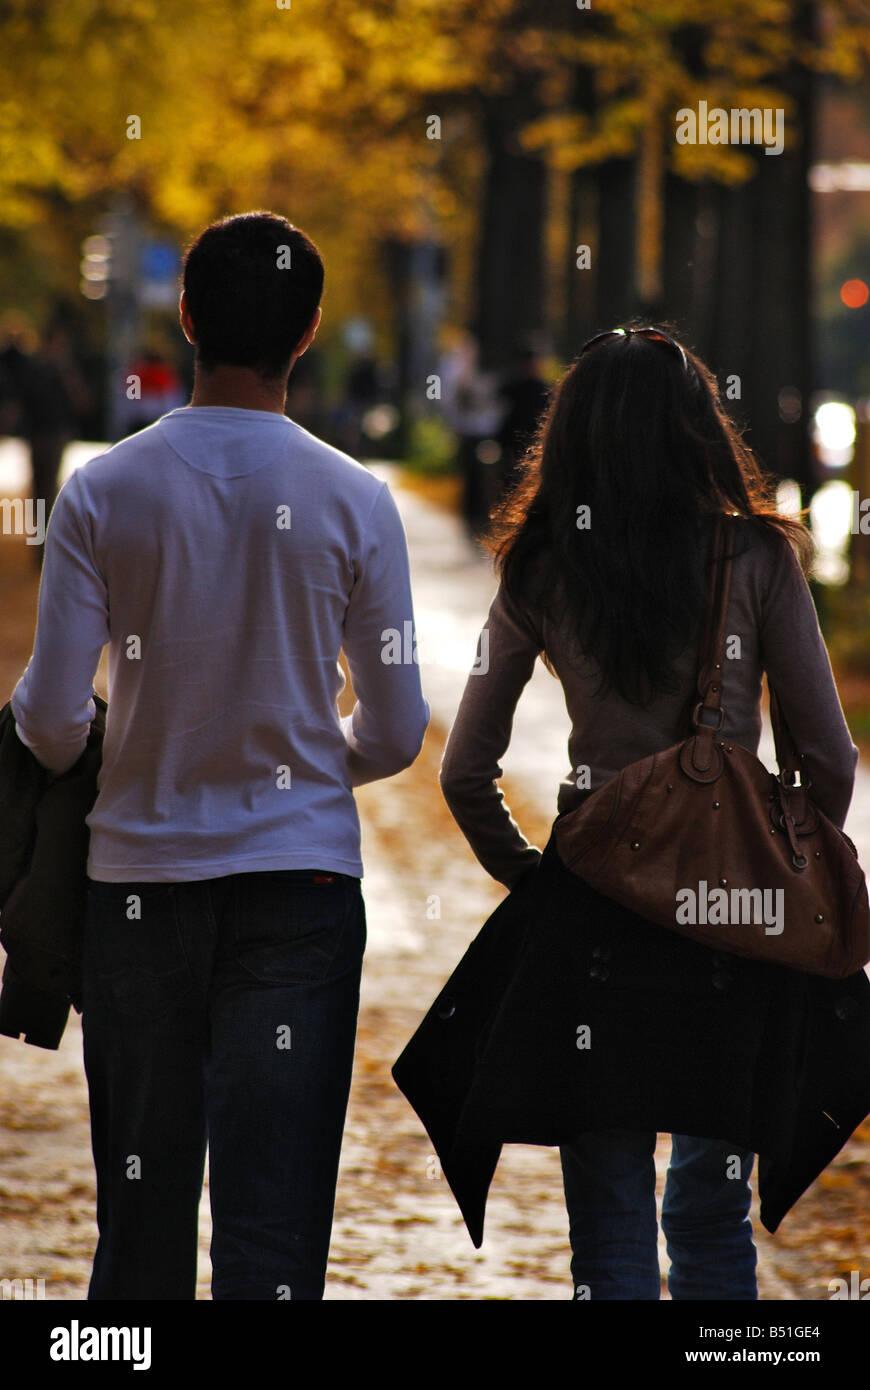 Junge Paare, die zusammen auf Fußweg. Stockfoto